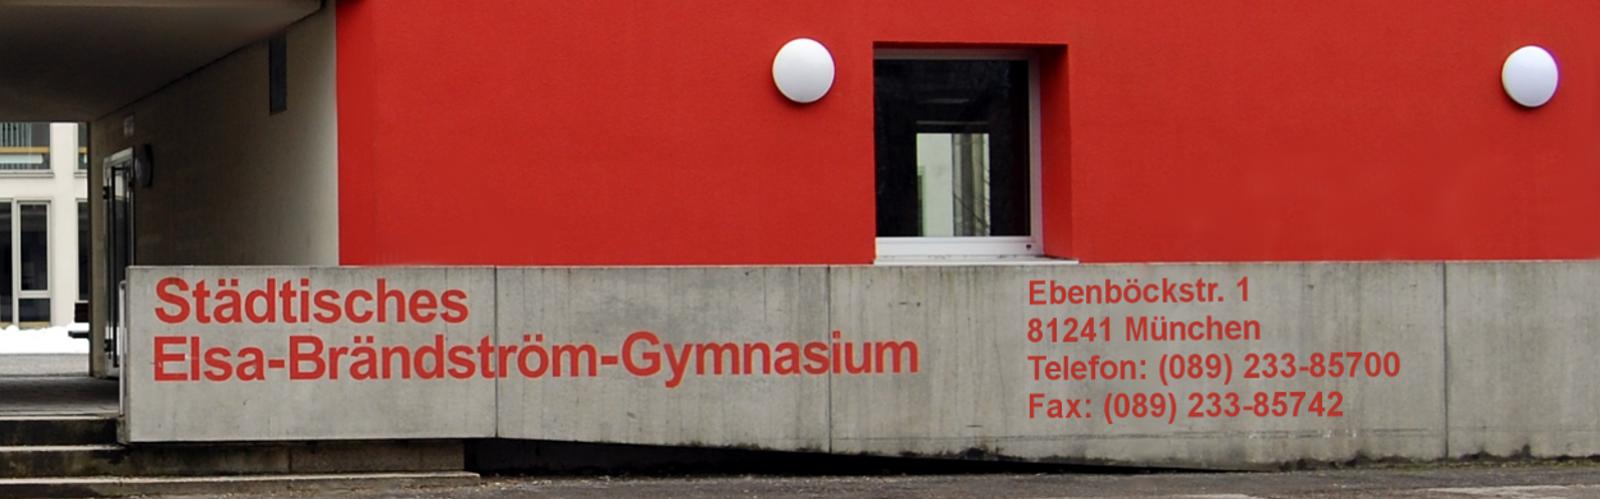 Städtisches Elsa-Brändström-Gymnasium München